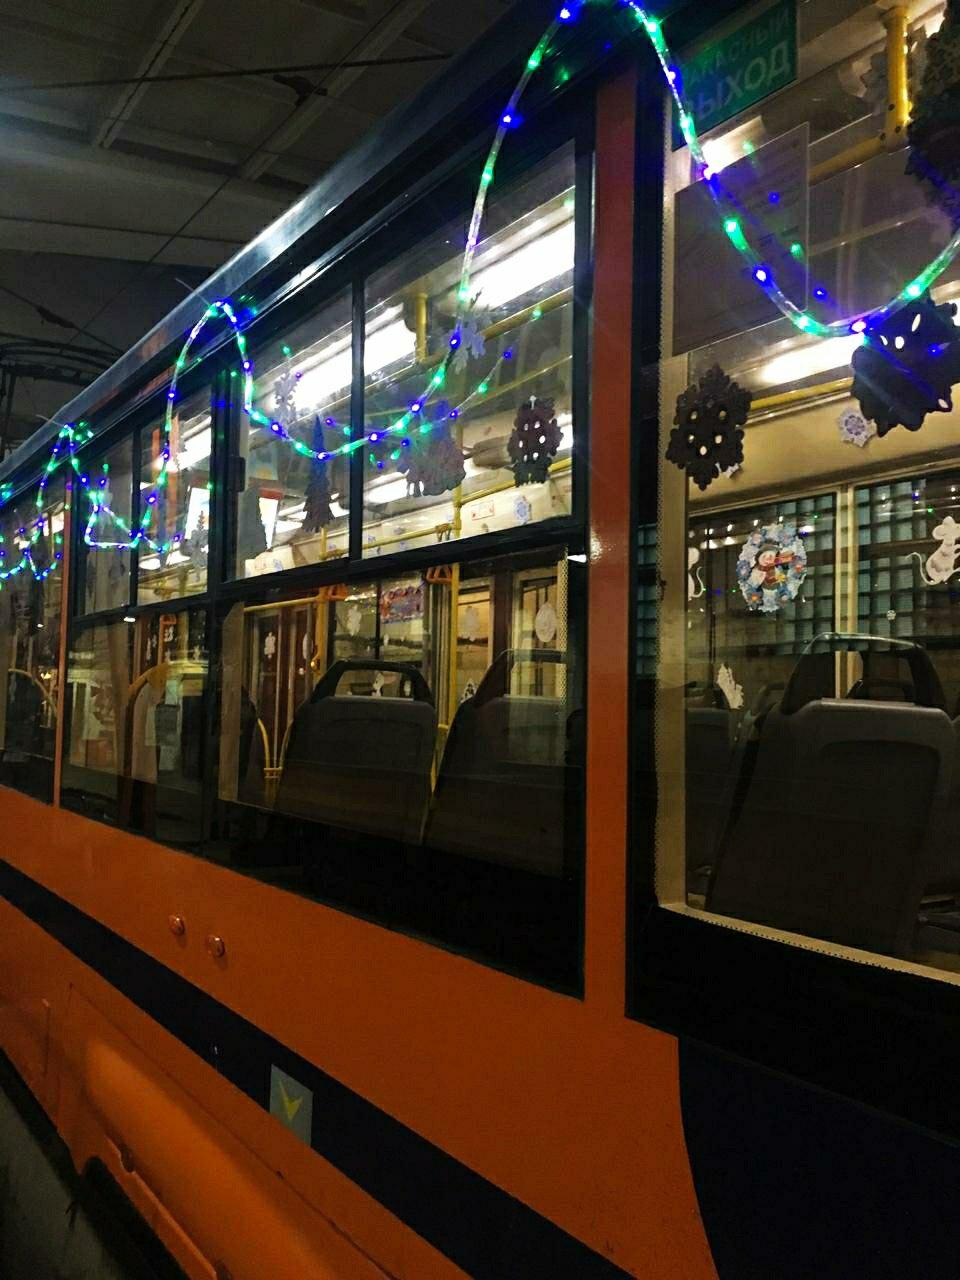 В Смоленске трамвай и троллейбус украсят к Новому году